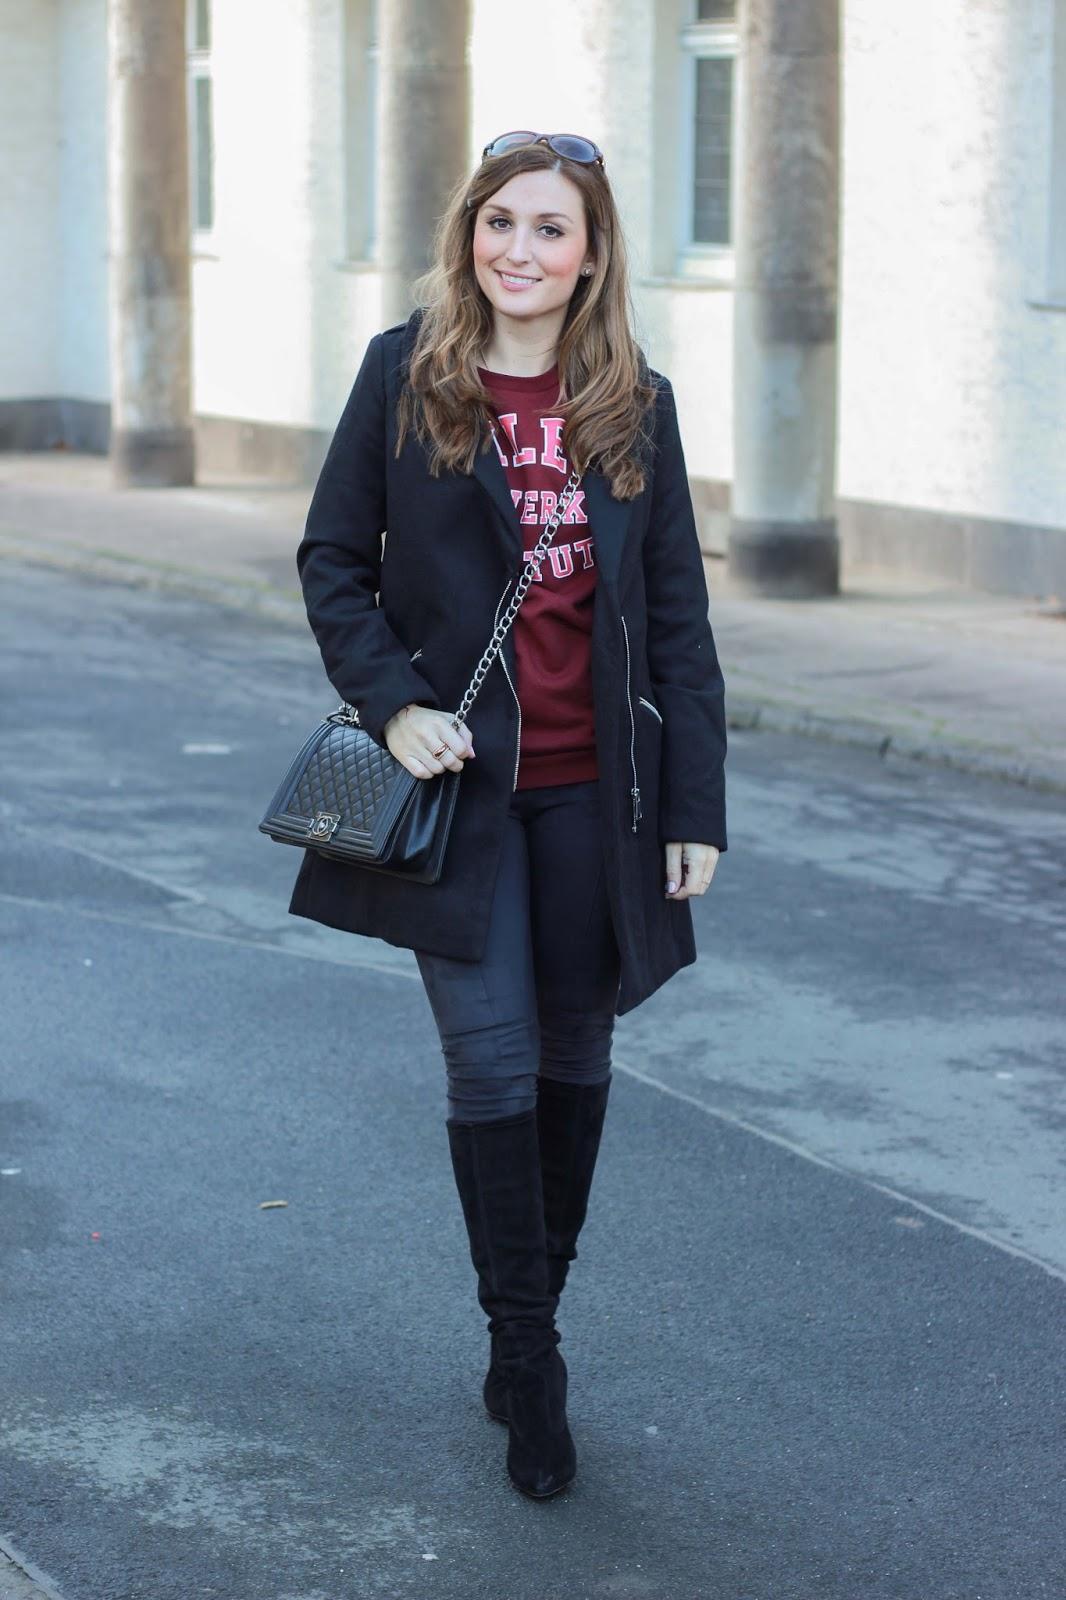 Fashionstylebyjohanna - Fashionblogger aus Frankfurt - Frankfurter Fashionblogger - Rad Pullover - Streetstyle mit Hoddie - Hoddie Streetstyle